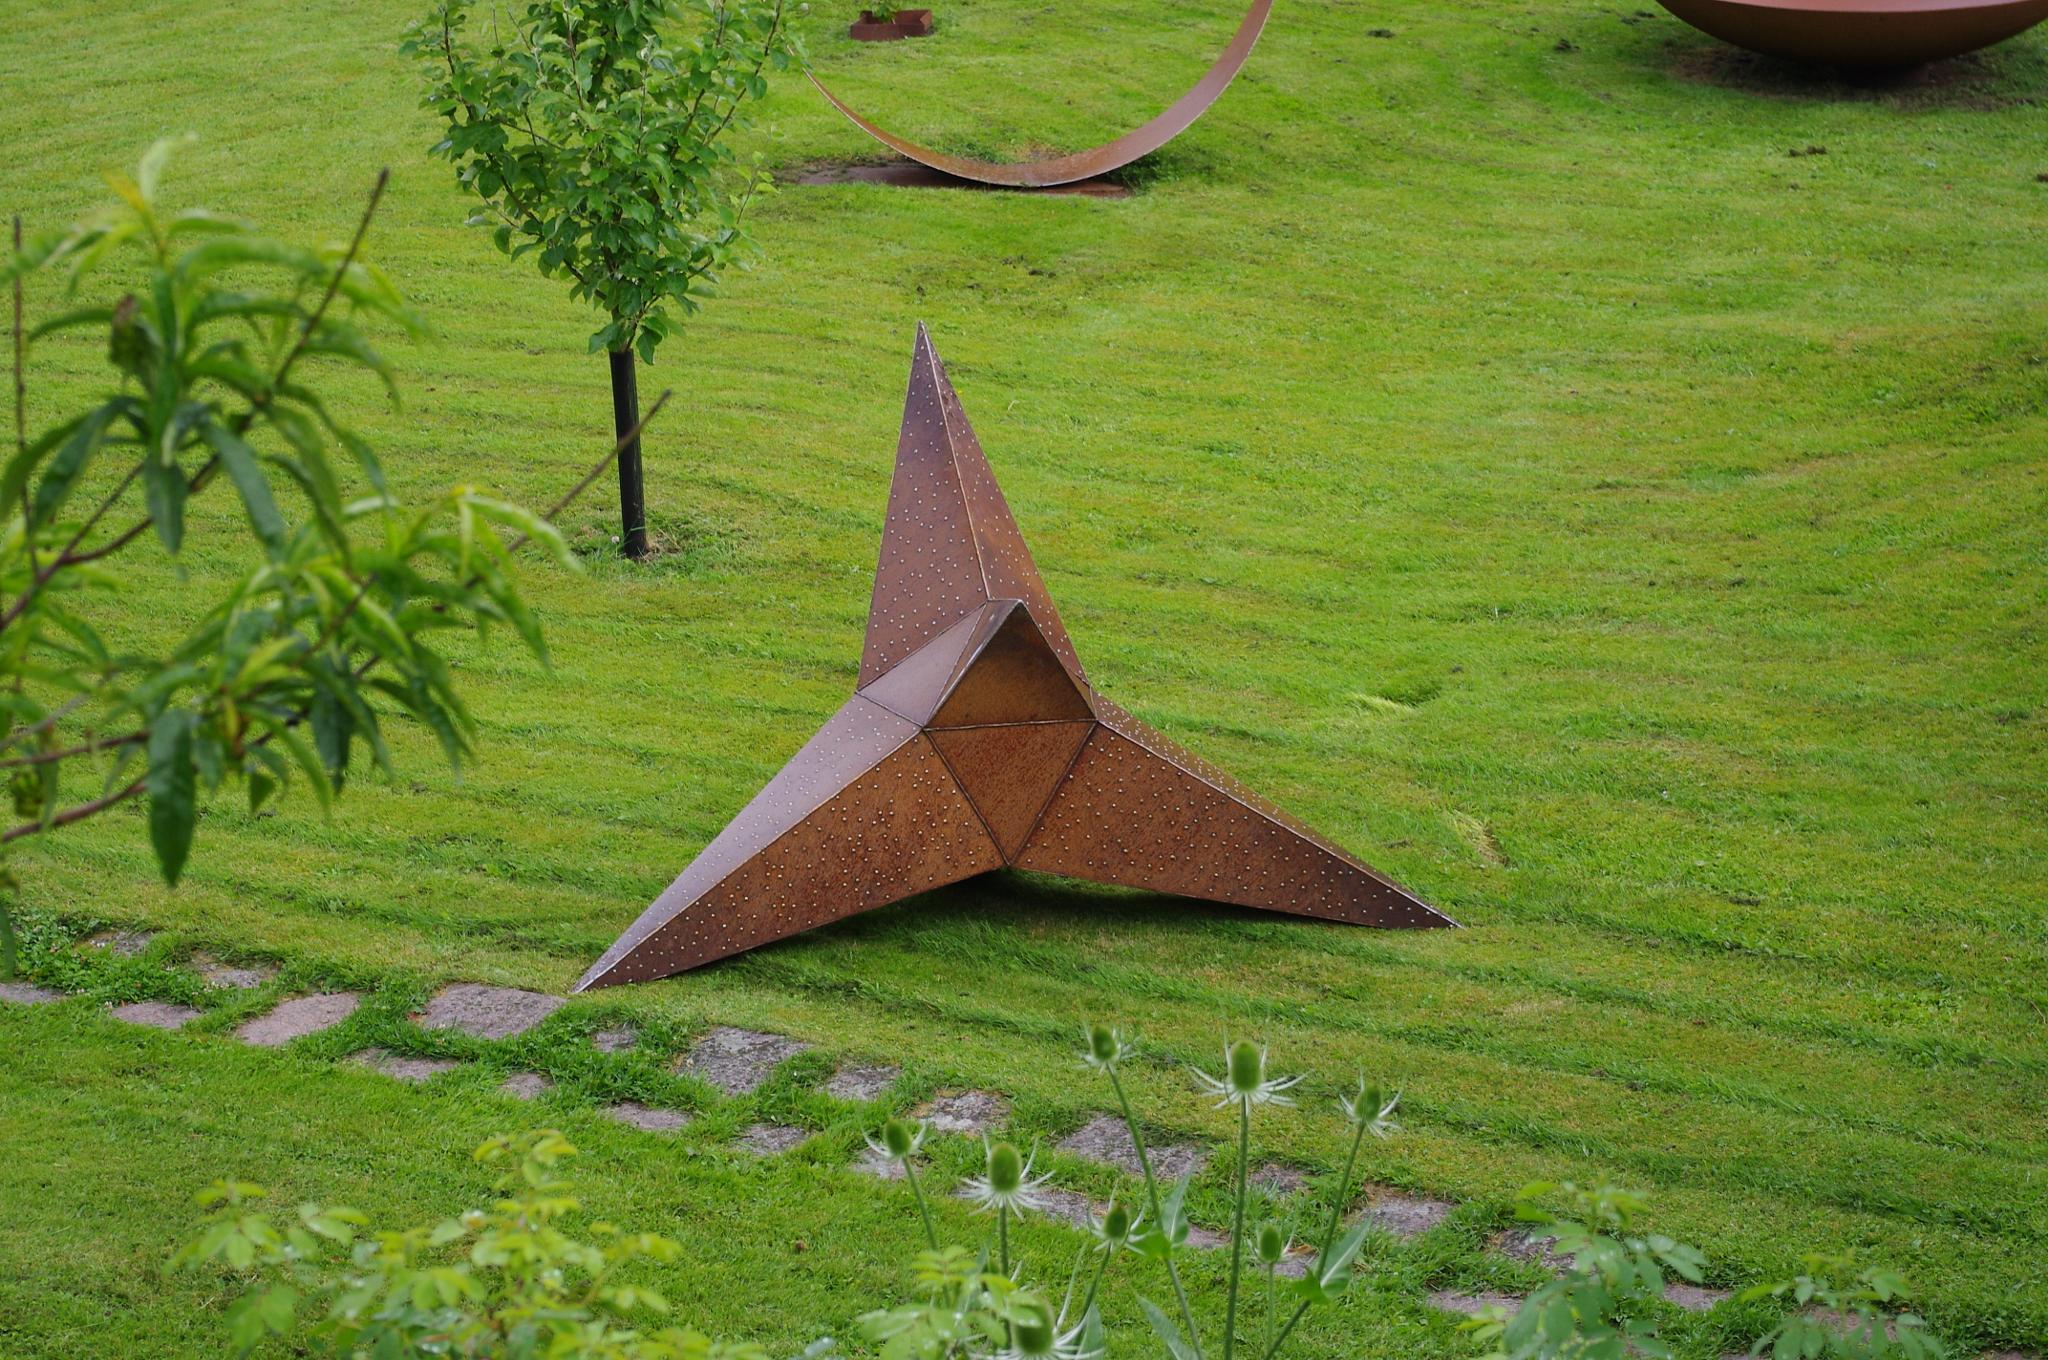 Garden art by eva.edholm